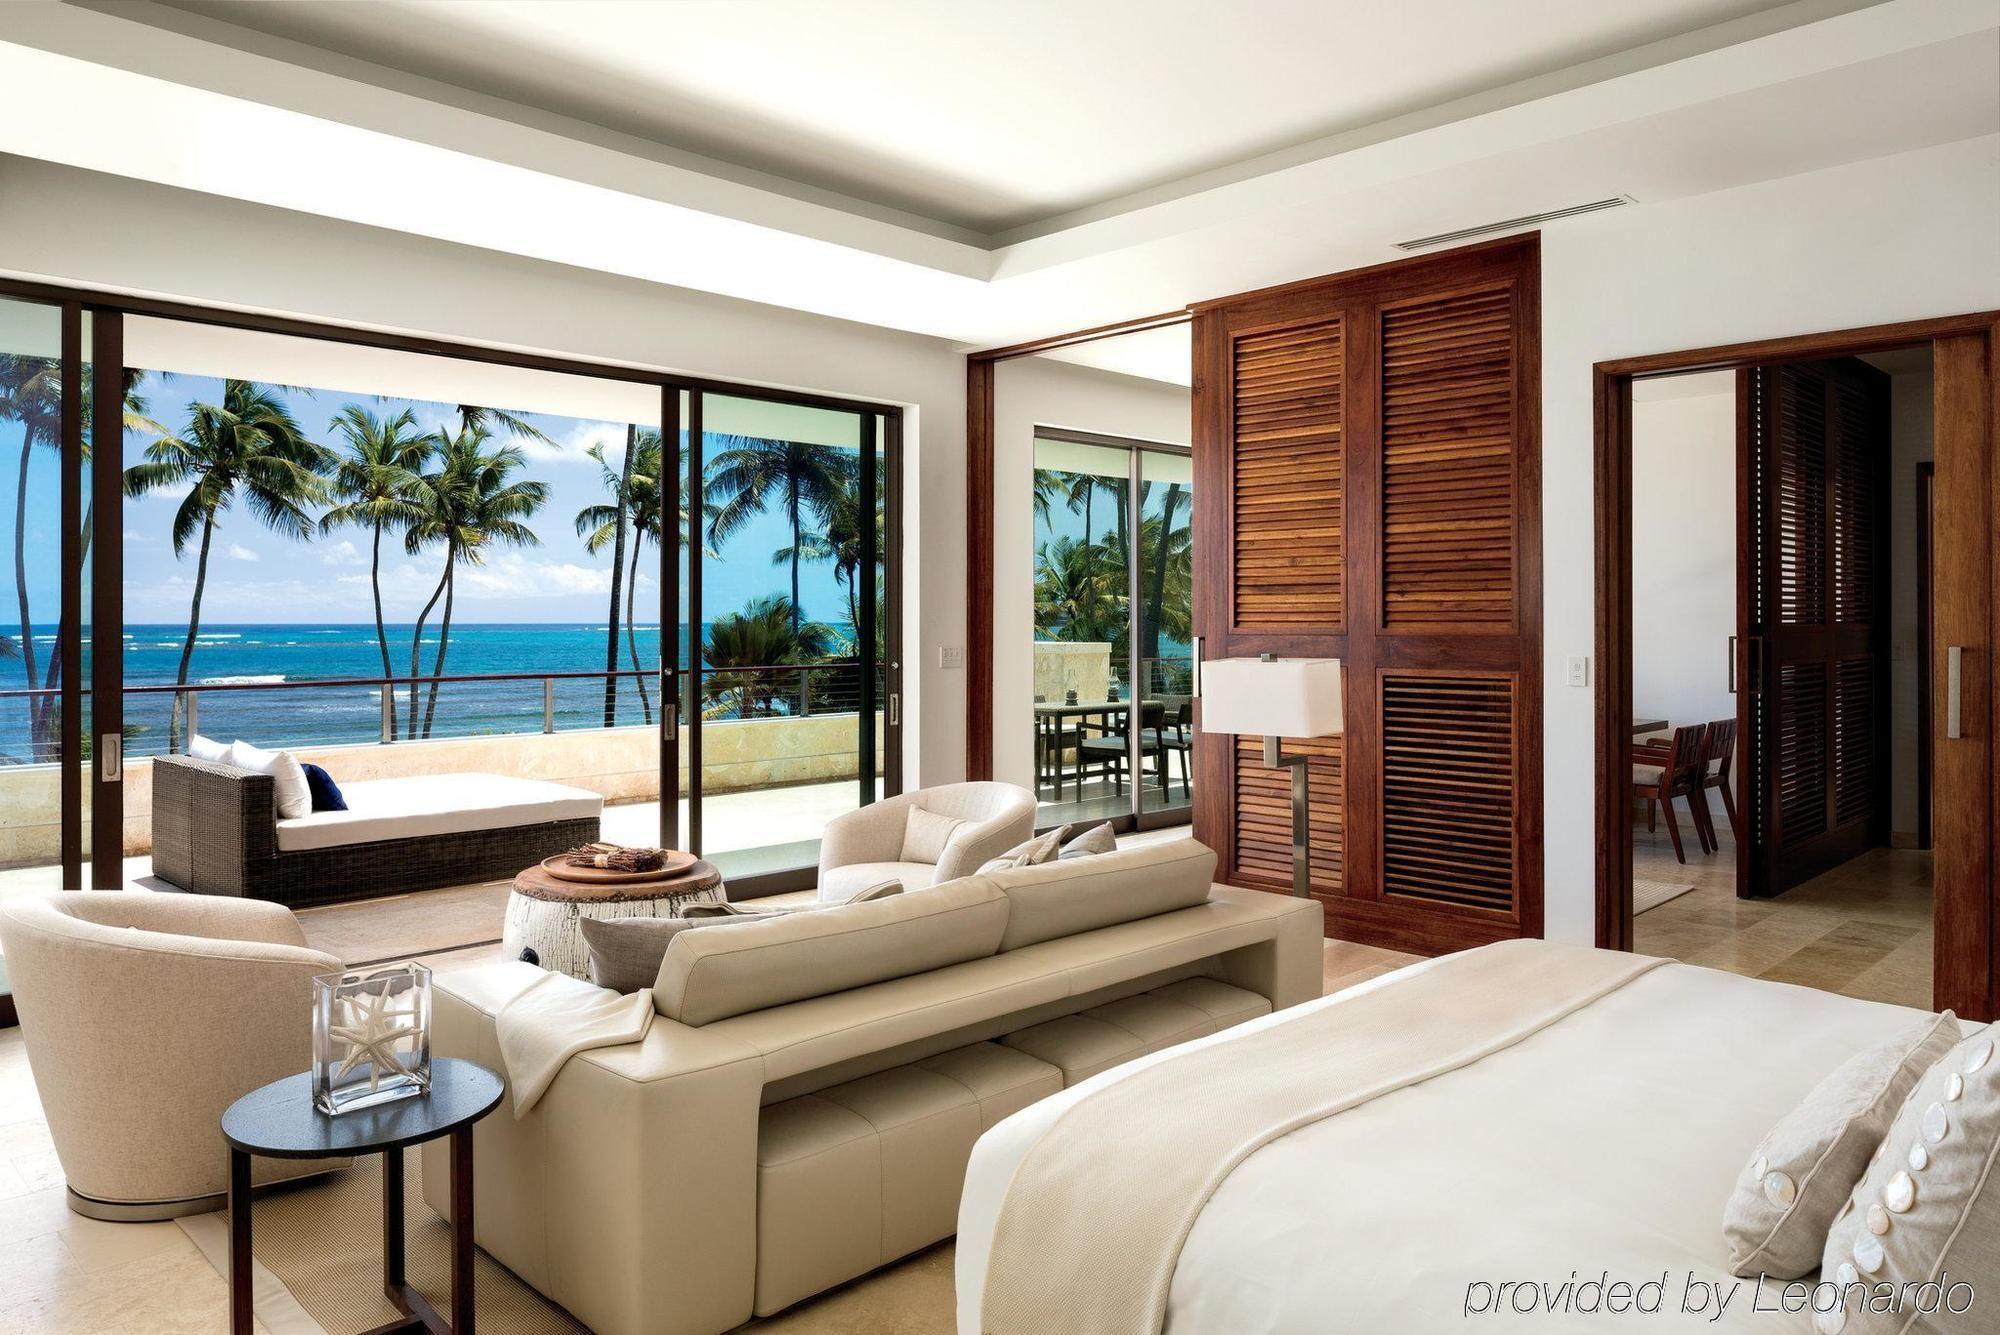 The Penthouse with Den at the Dorado Beach a RitzCarlton